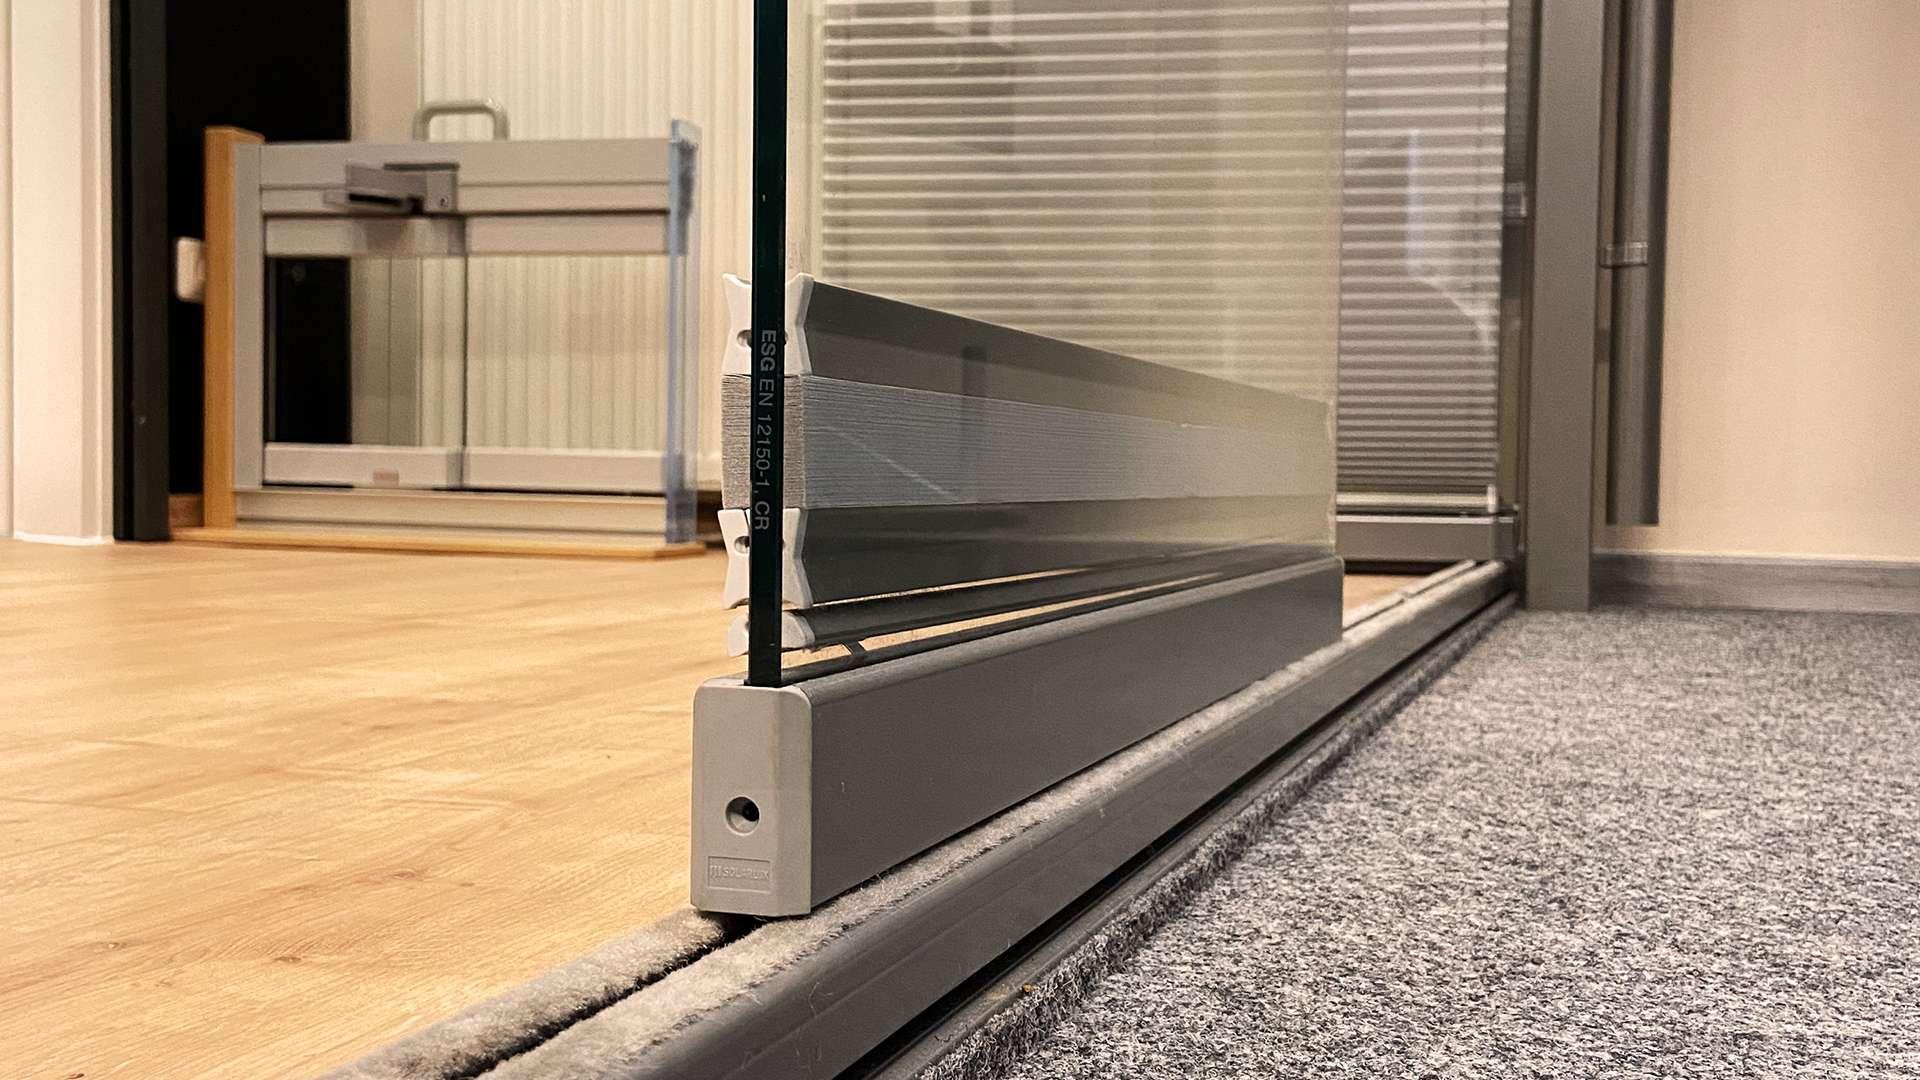 Nahansicht eines Schiebesystems in der Ausstellung von Schirrle in Nürnberg